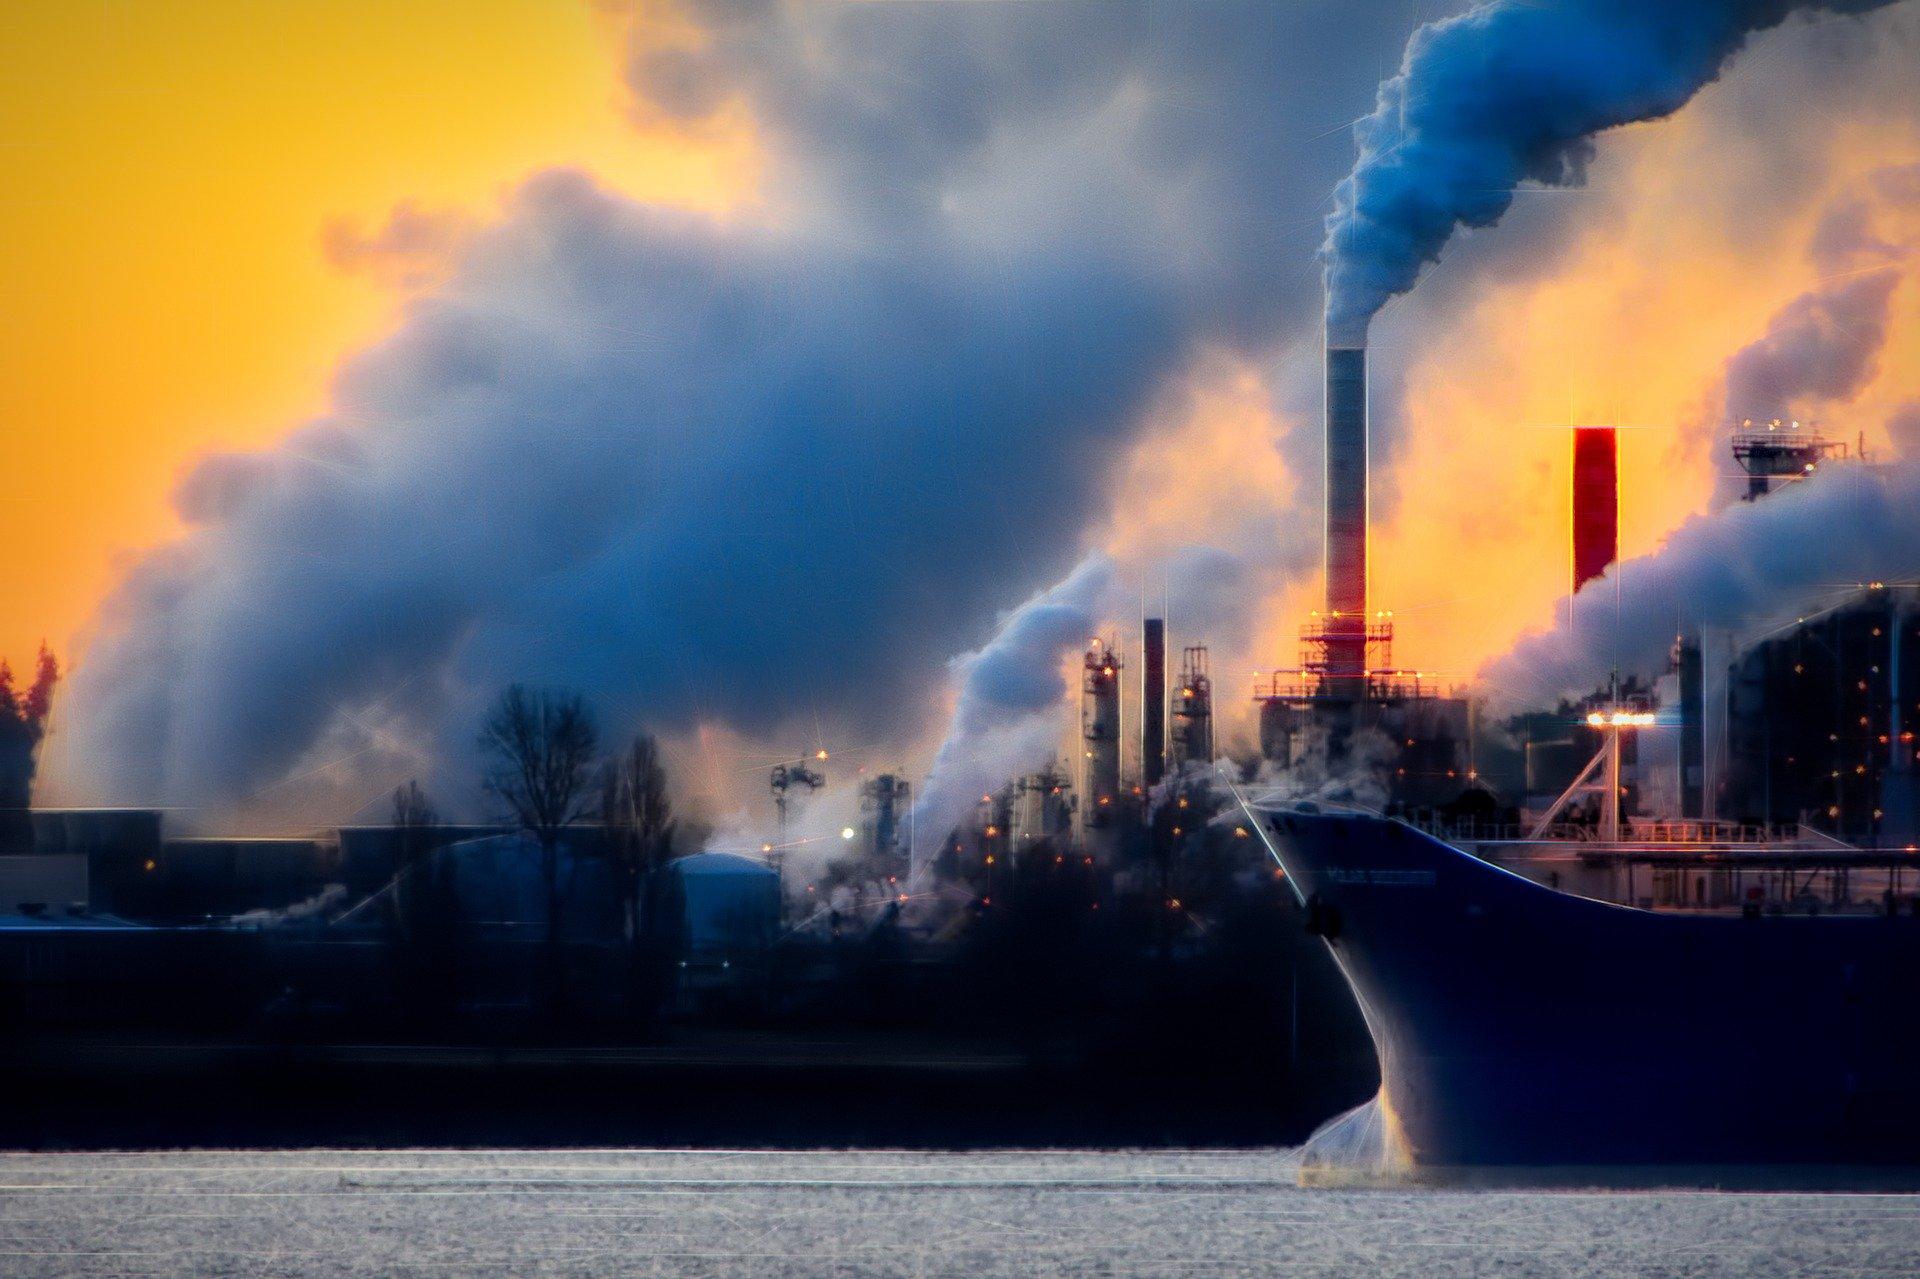 Poluição e superpopulação: o que a pandemia do coronavírus pode ensinar ao mundo